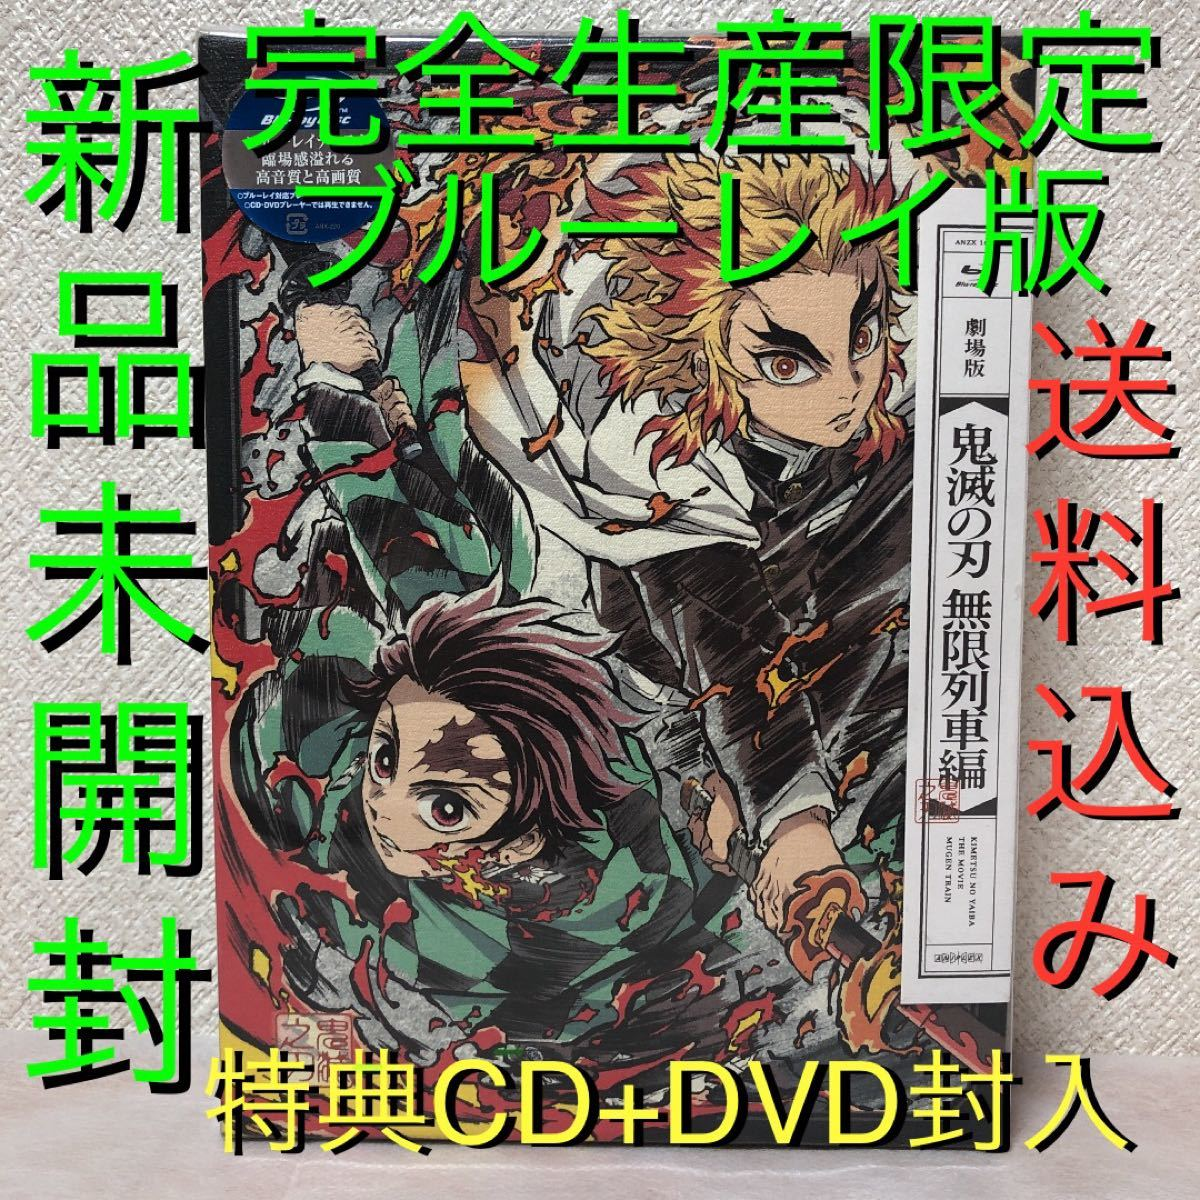 【新品未開封】完全生産限定版:劇場版 「鬼滅の刃」 無限列車編 ブルーレイ・Blu-ray/豪華CD+DVD+特製ブックレット付き